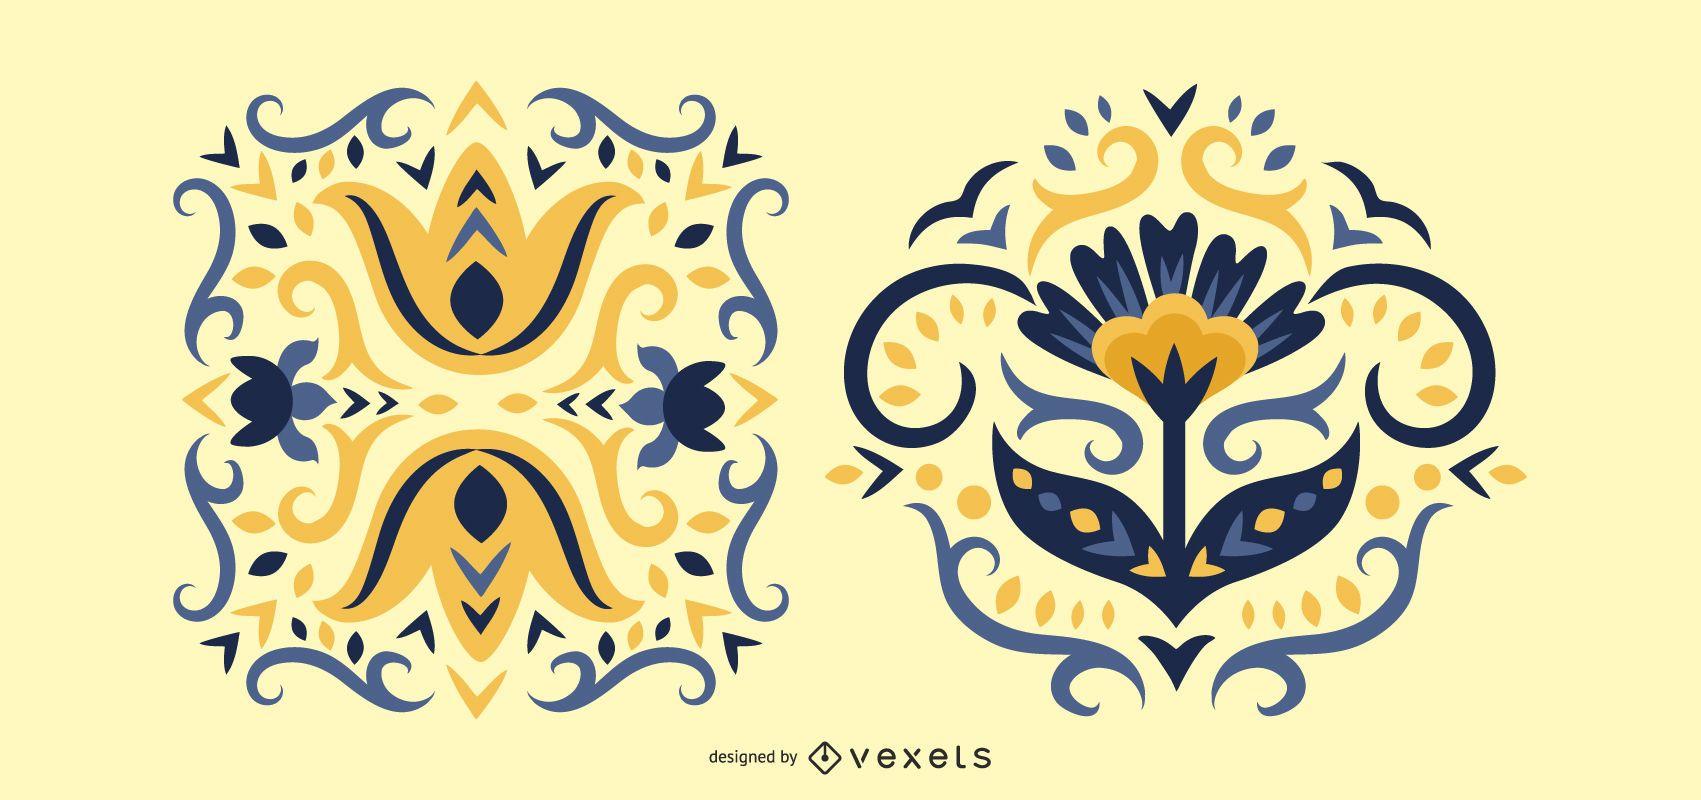 Scandinavian Folk Art Flowers Decoration Set